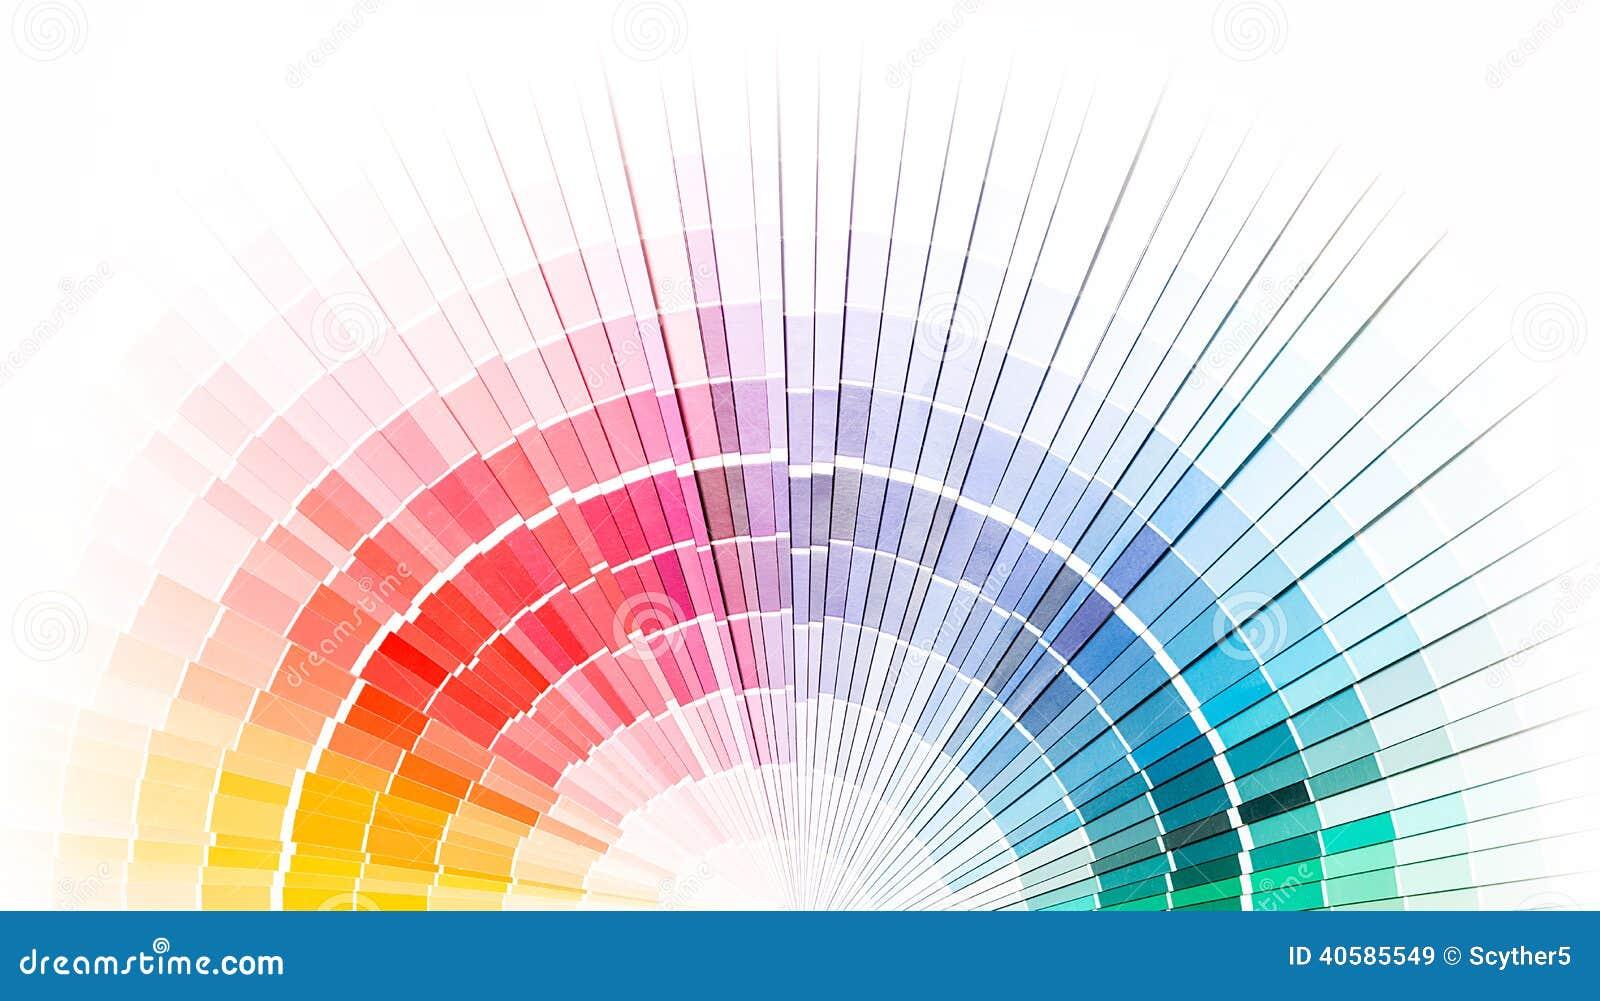 Öffnen Sie pantone Beispielfarbenkatalog